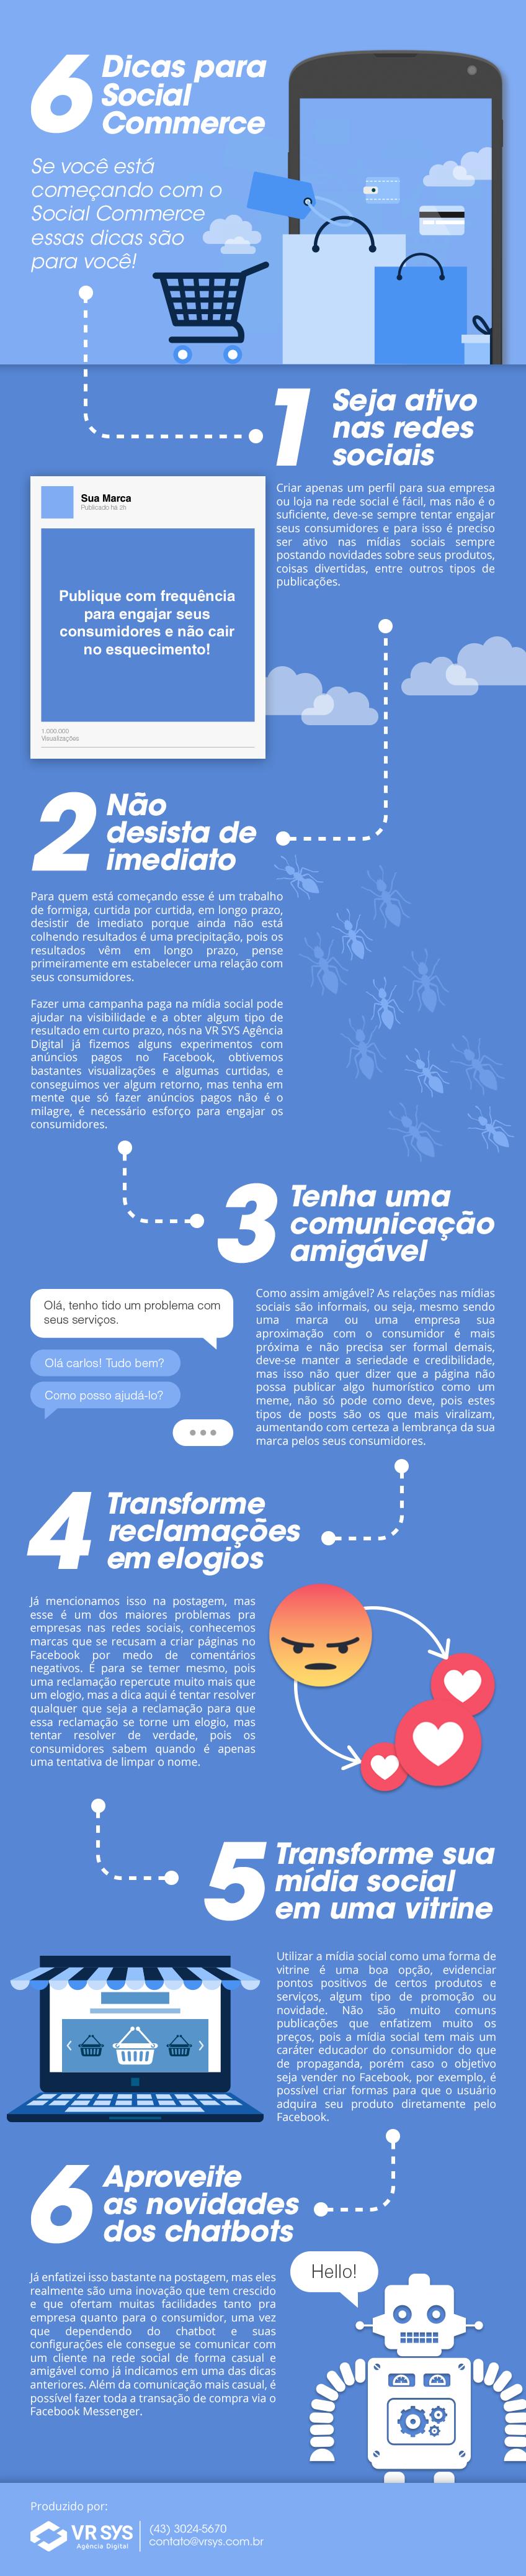 Infográfico - 6 dicas para Social Commerce e vende...